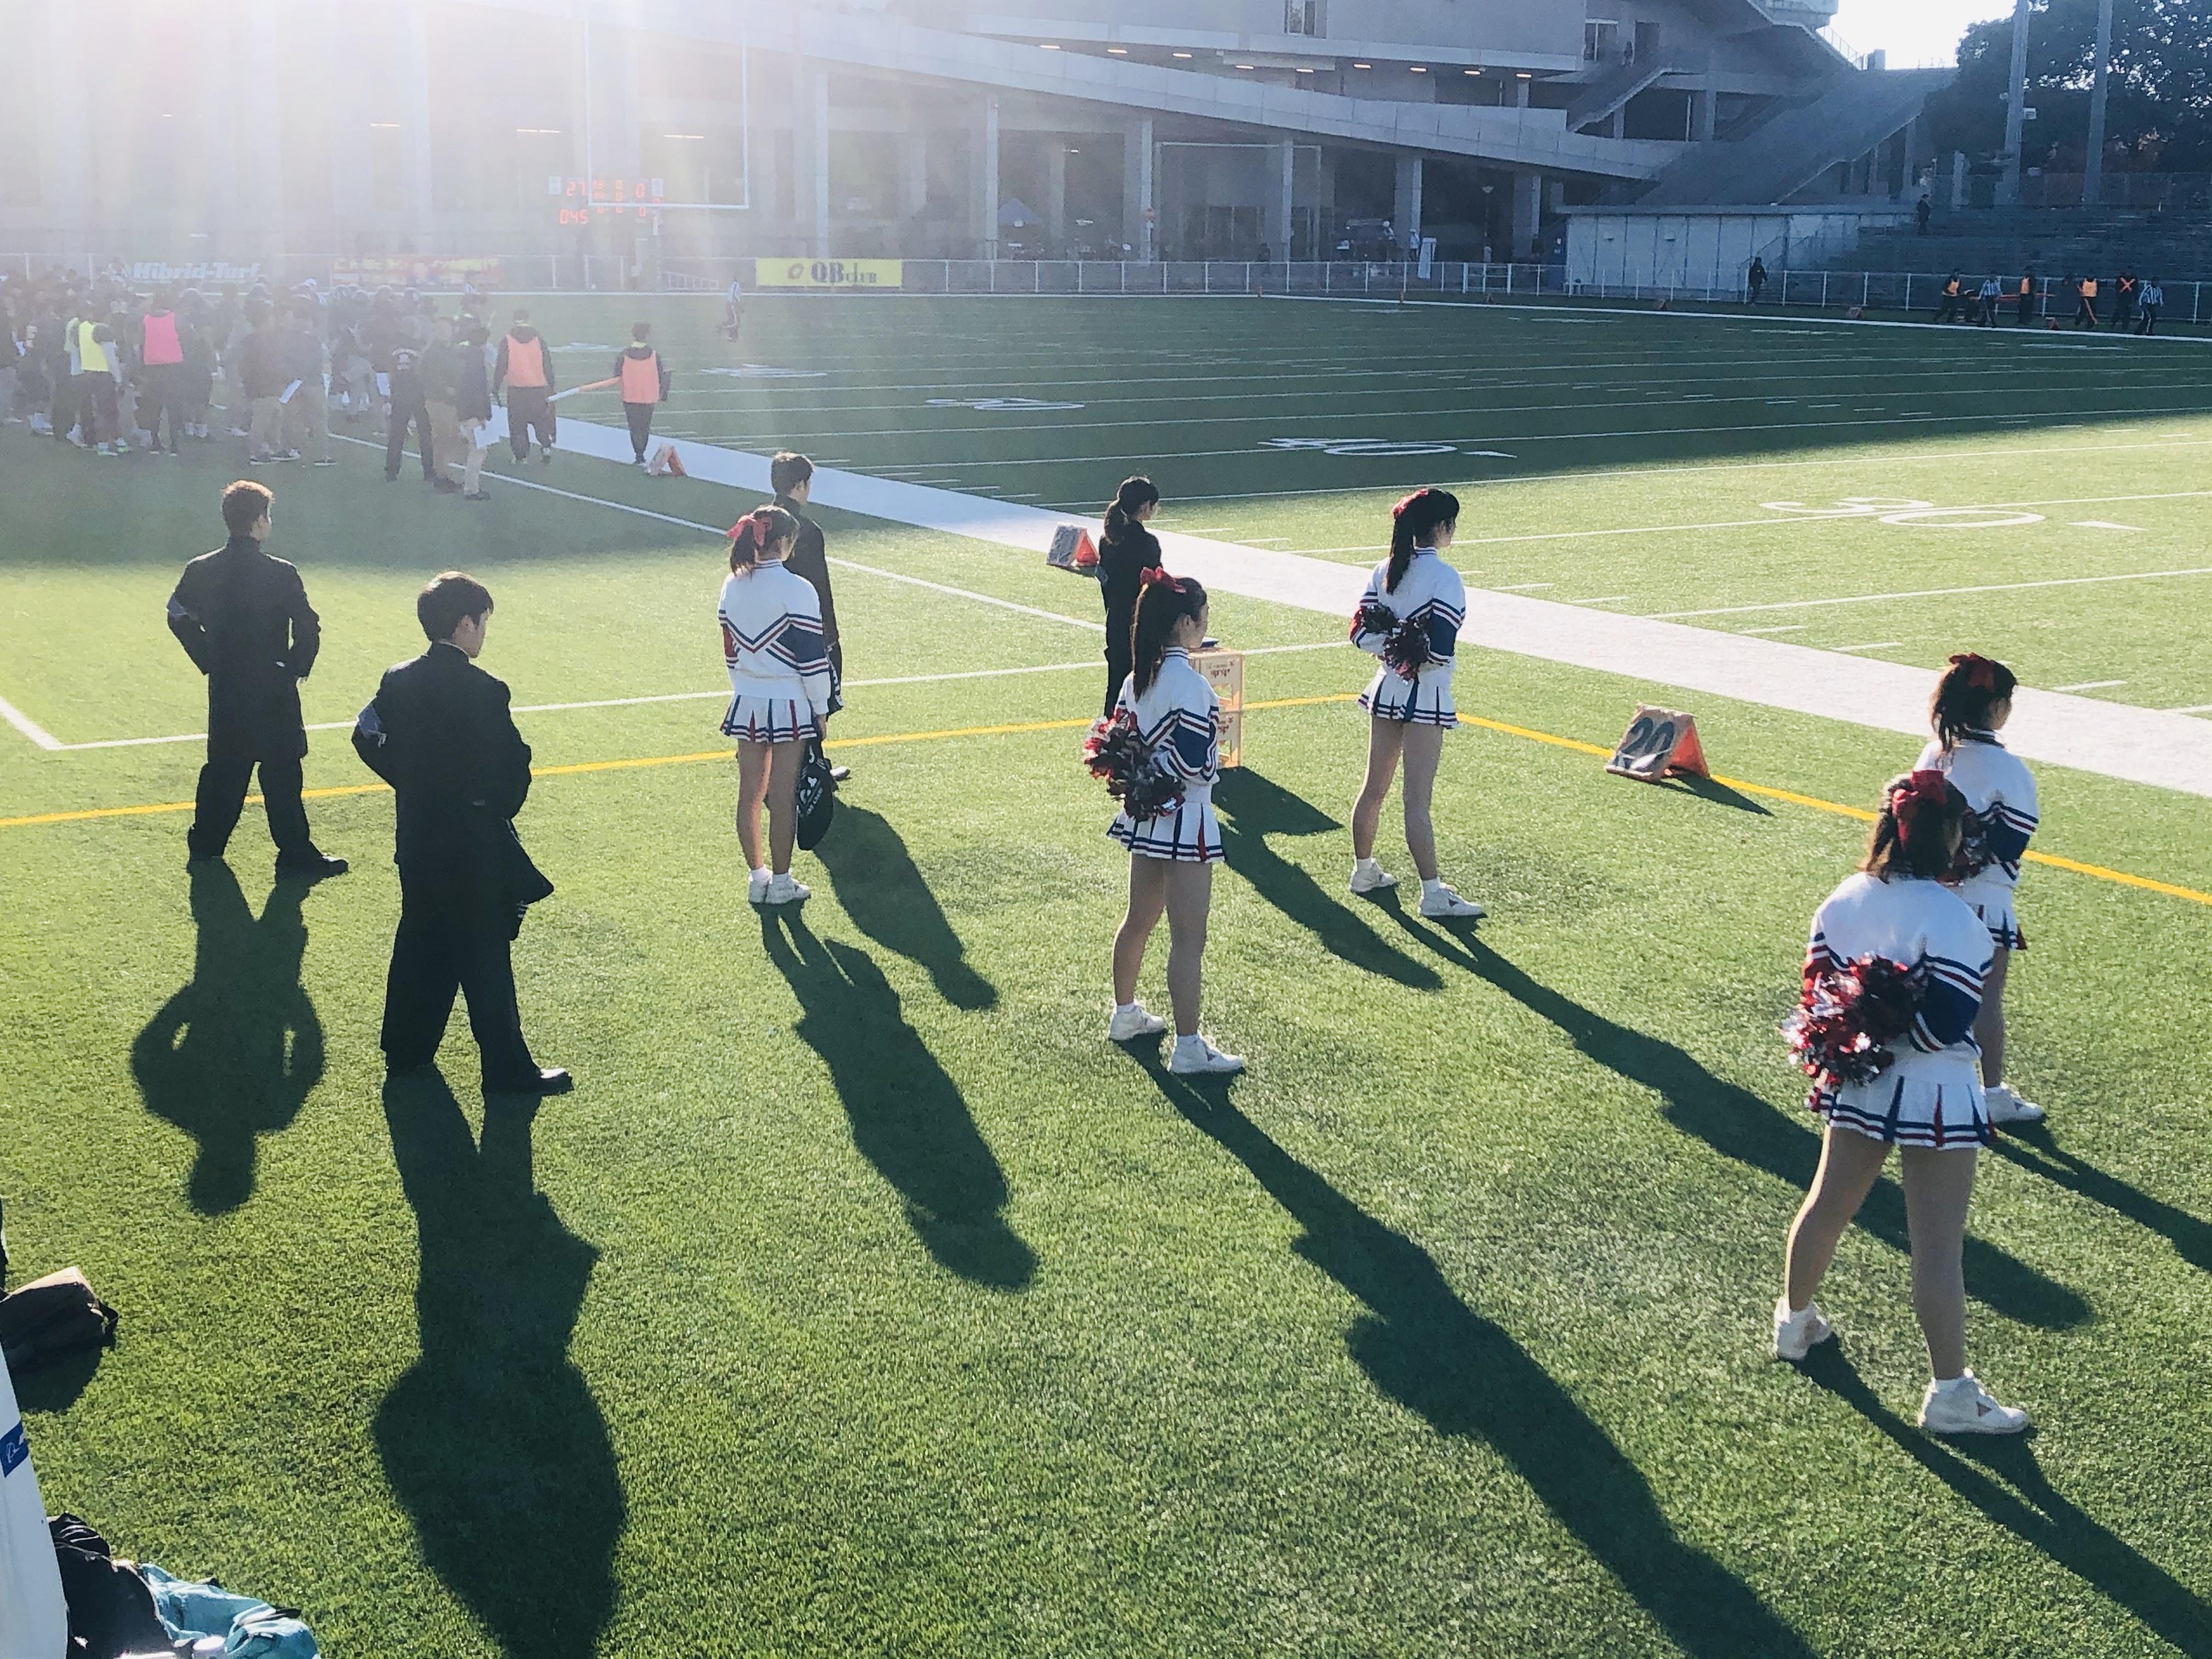 11/30 アメリカンフットボール応援対岡山大学戦 感想